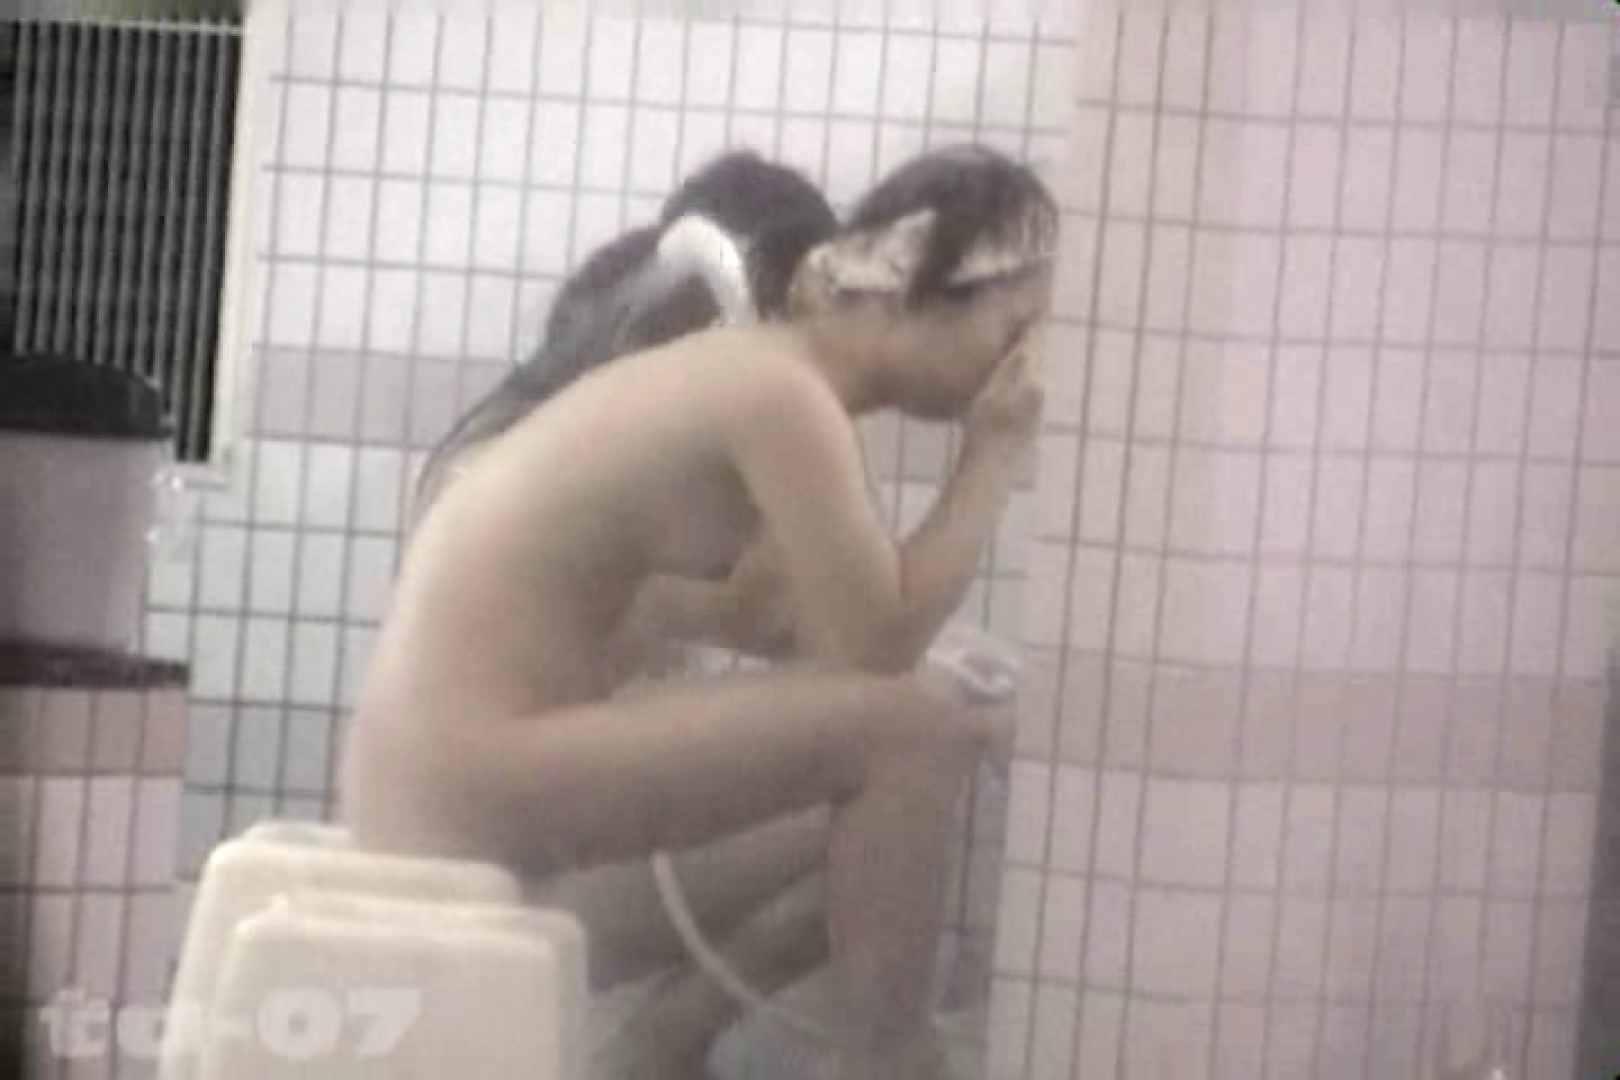 合宿ホテル女風呂盗撮高画質版 Vol.07 盗撮で悶絶 セックス画像 77画像 63